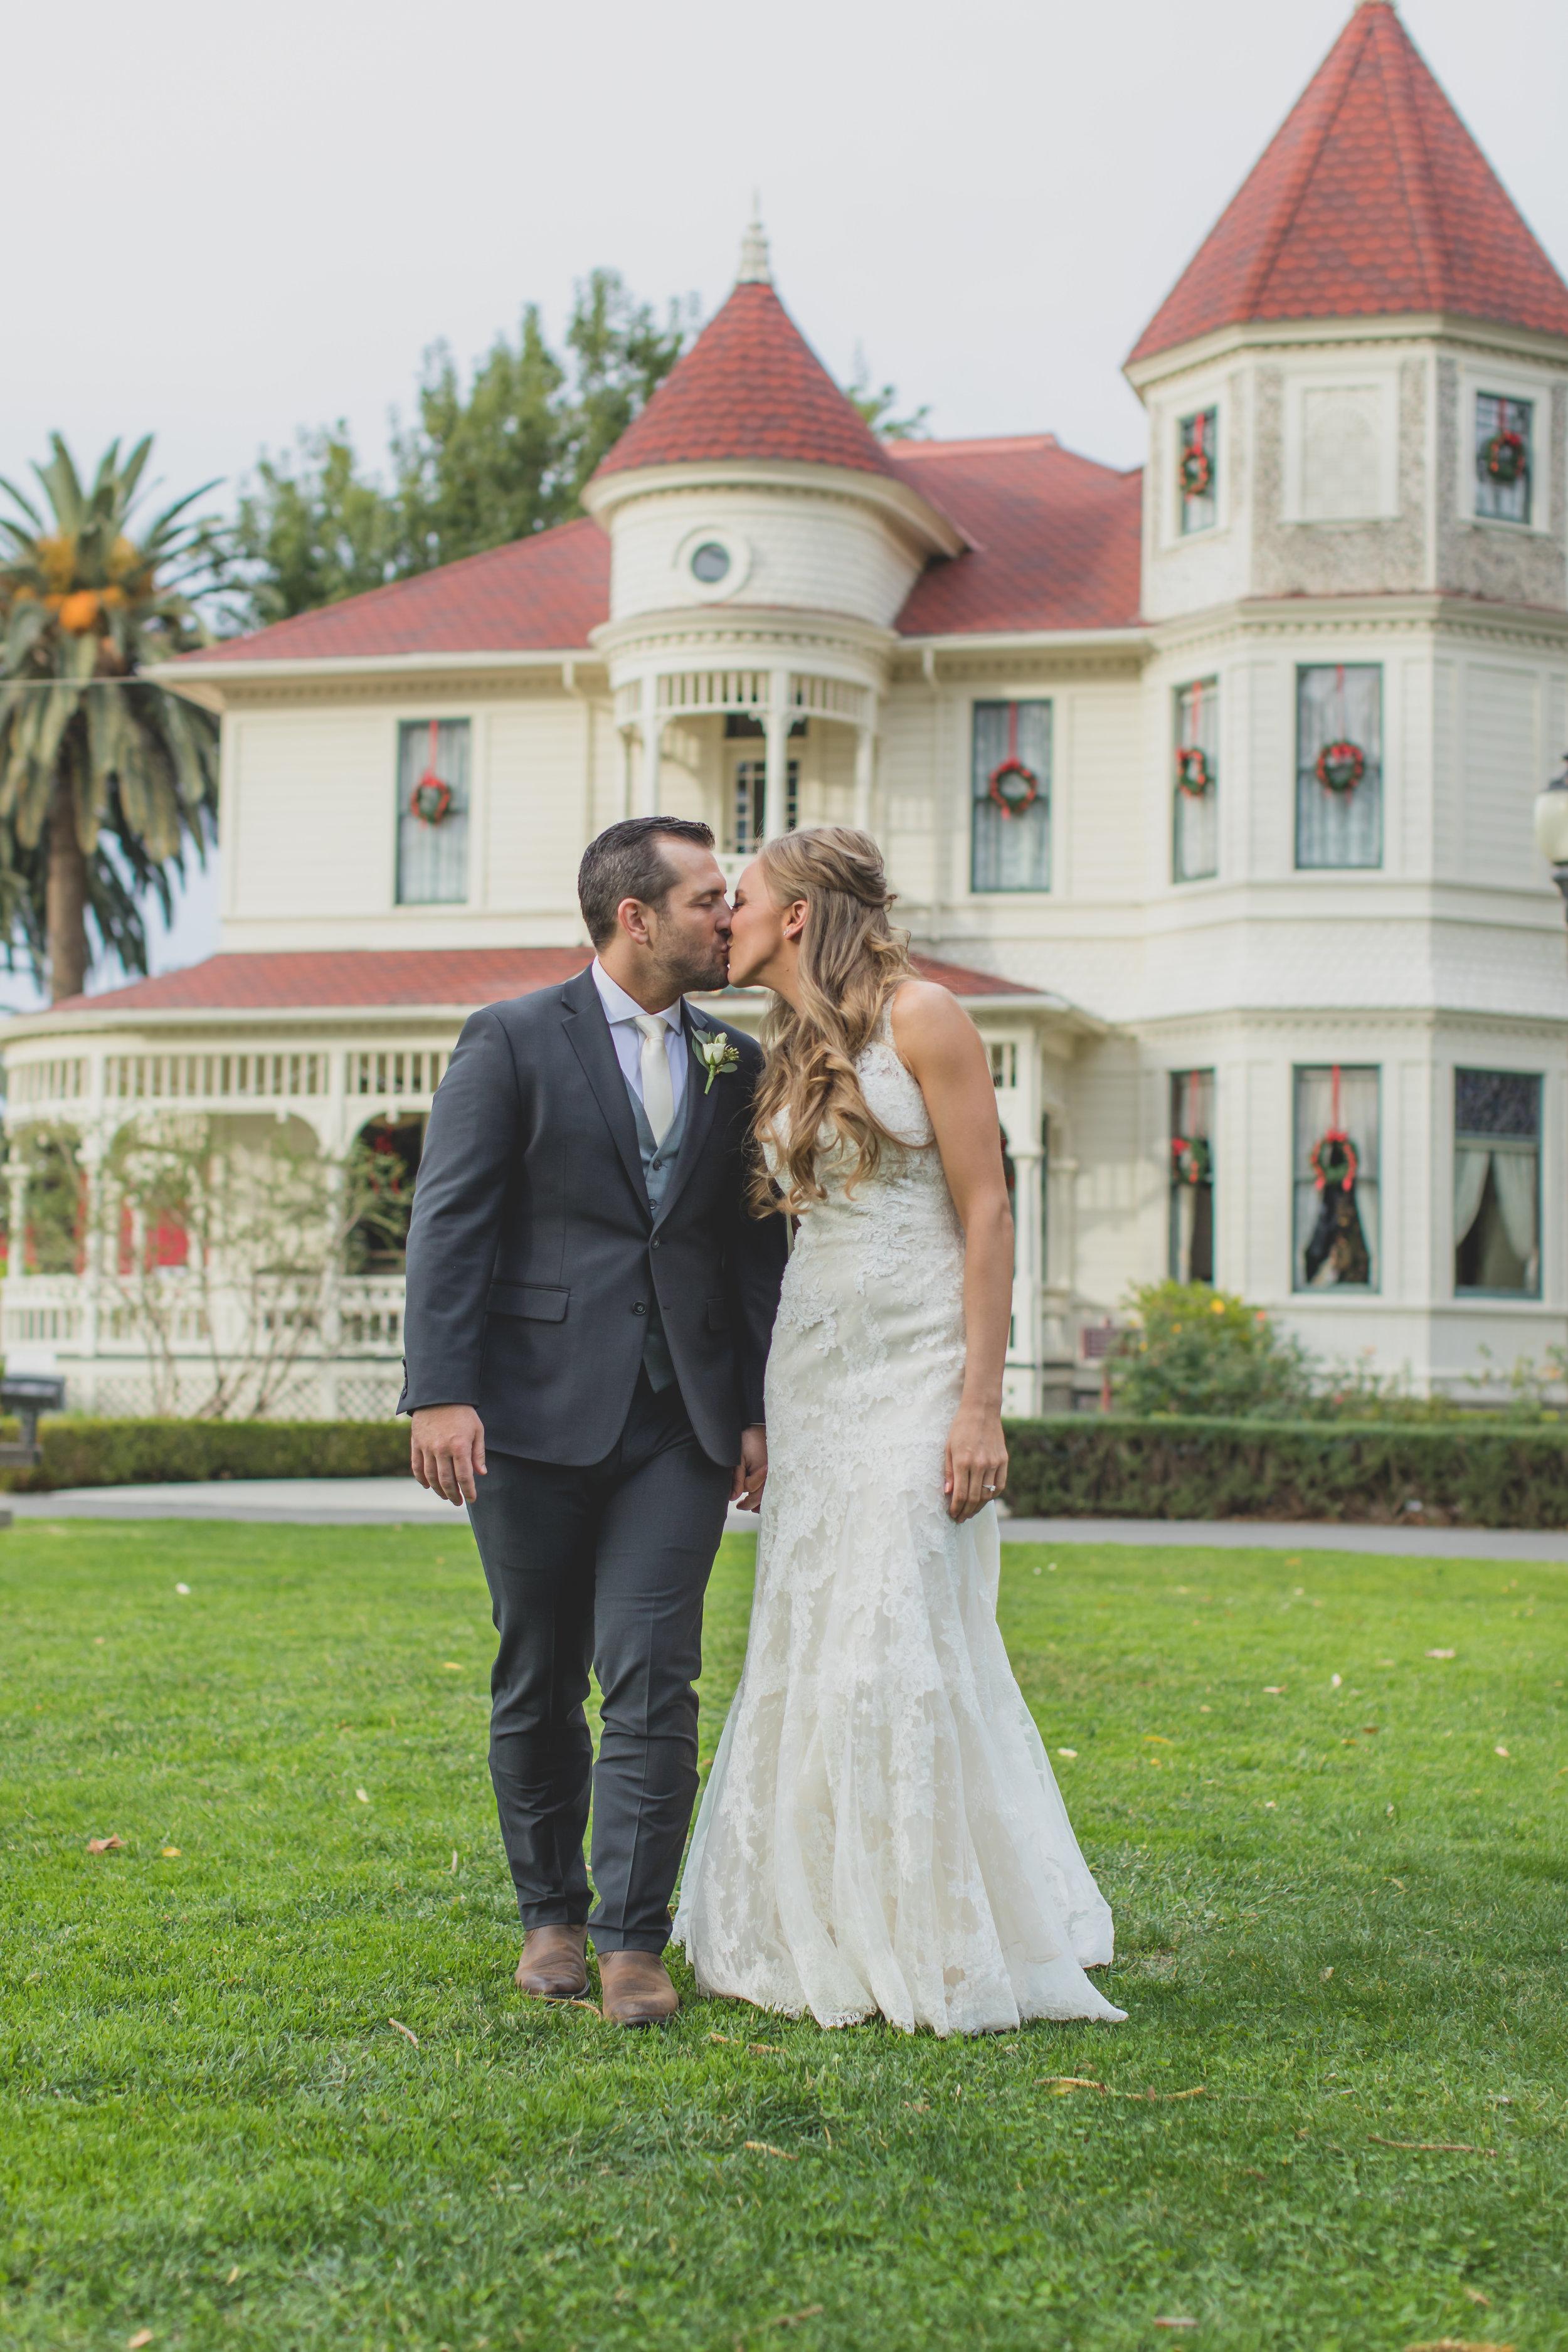 Camarillo Ranch - Camarillo, CA Wedding Venue - Wedding Photography Bride and Groom